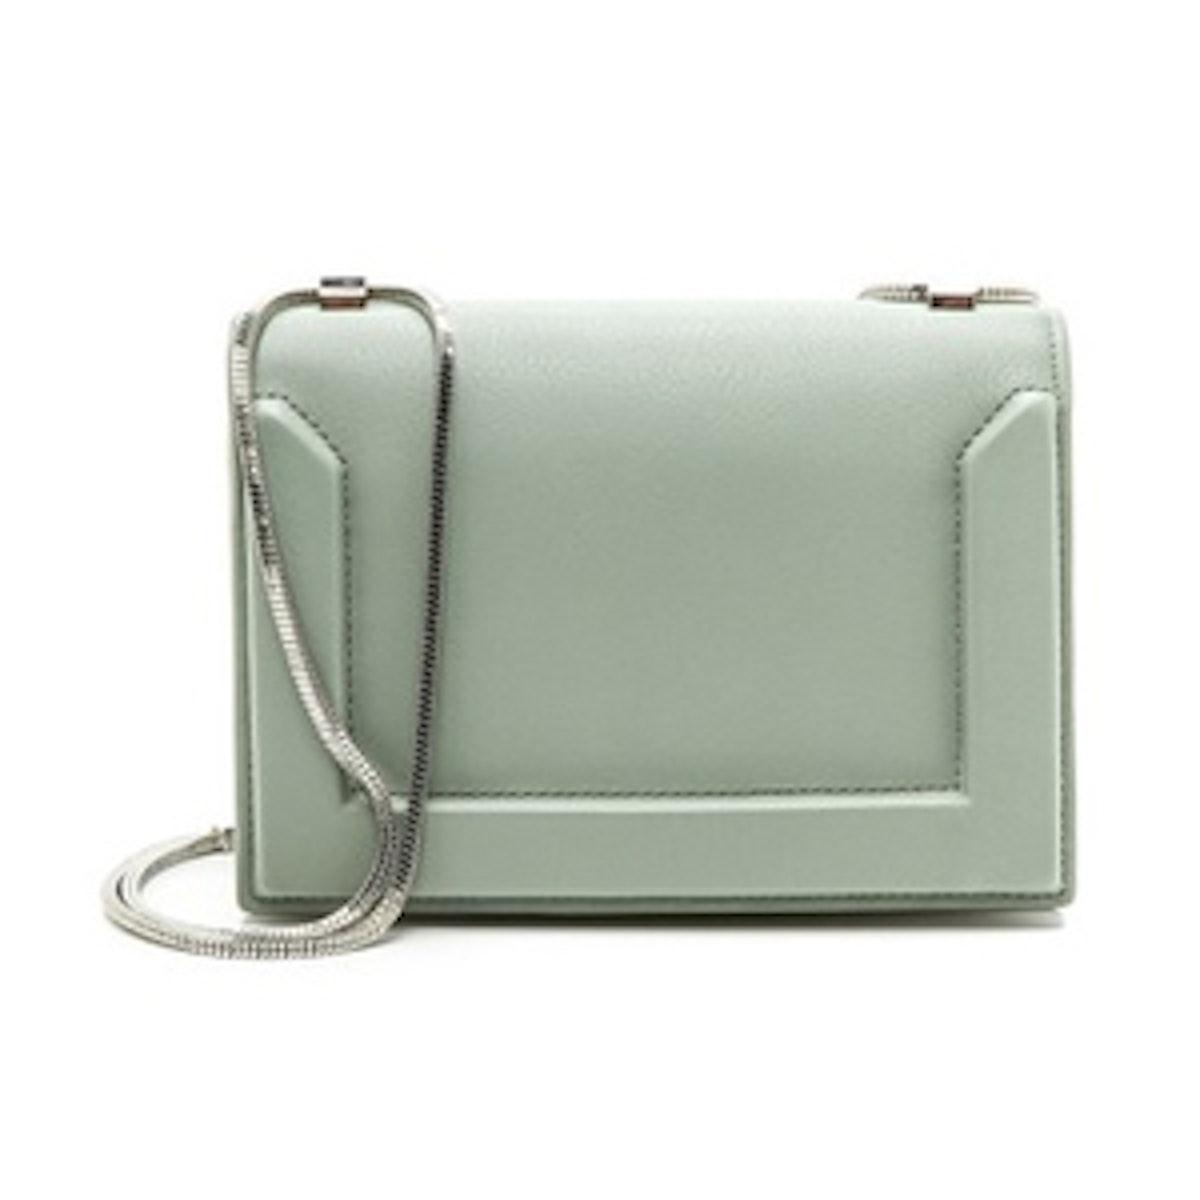 Soleil Mini Chain Bag